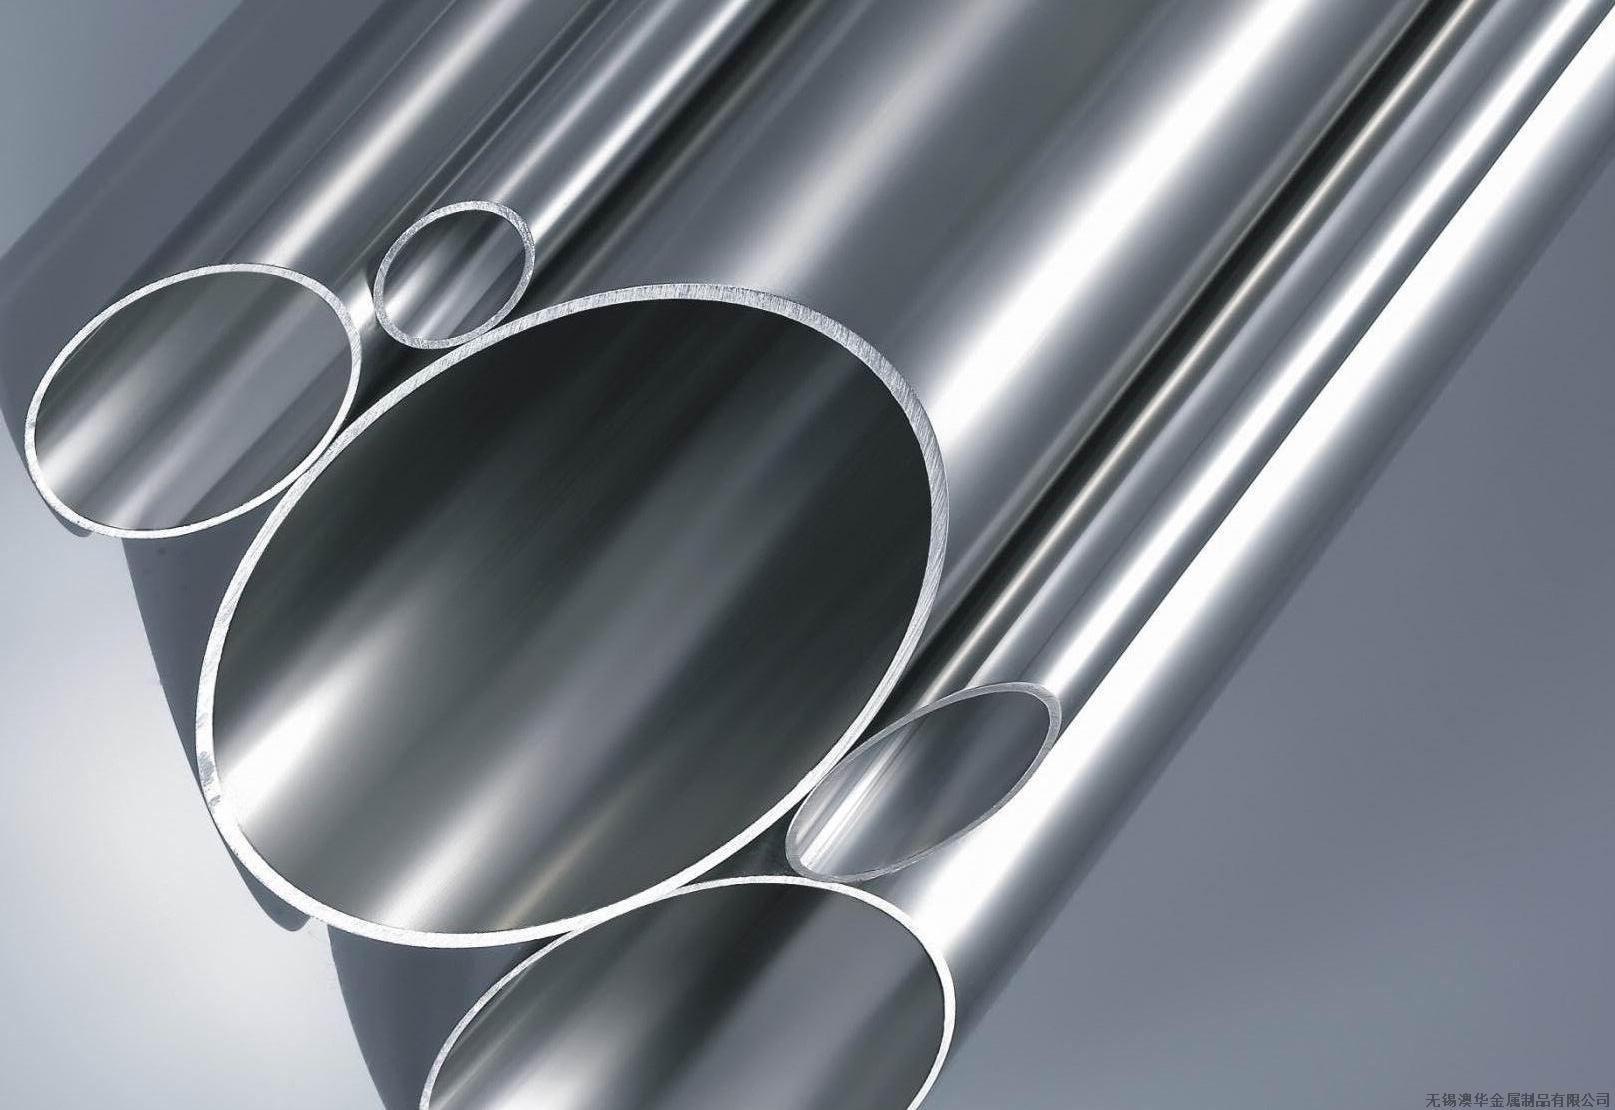 上海不锈钢管厂家——优质不锈钢管厂家